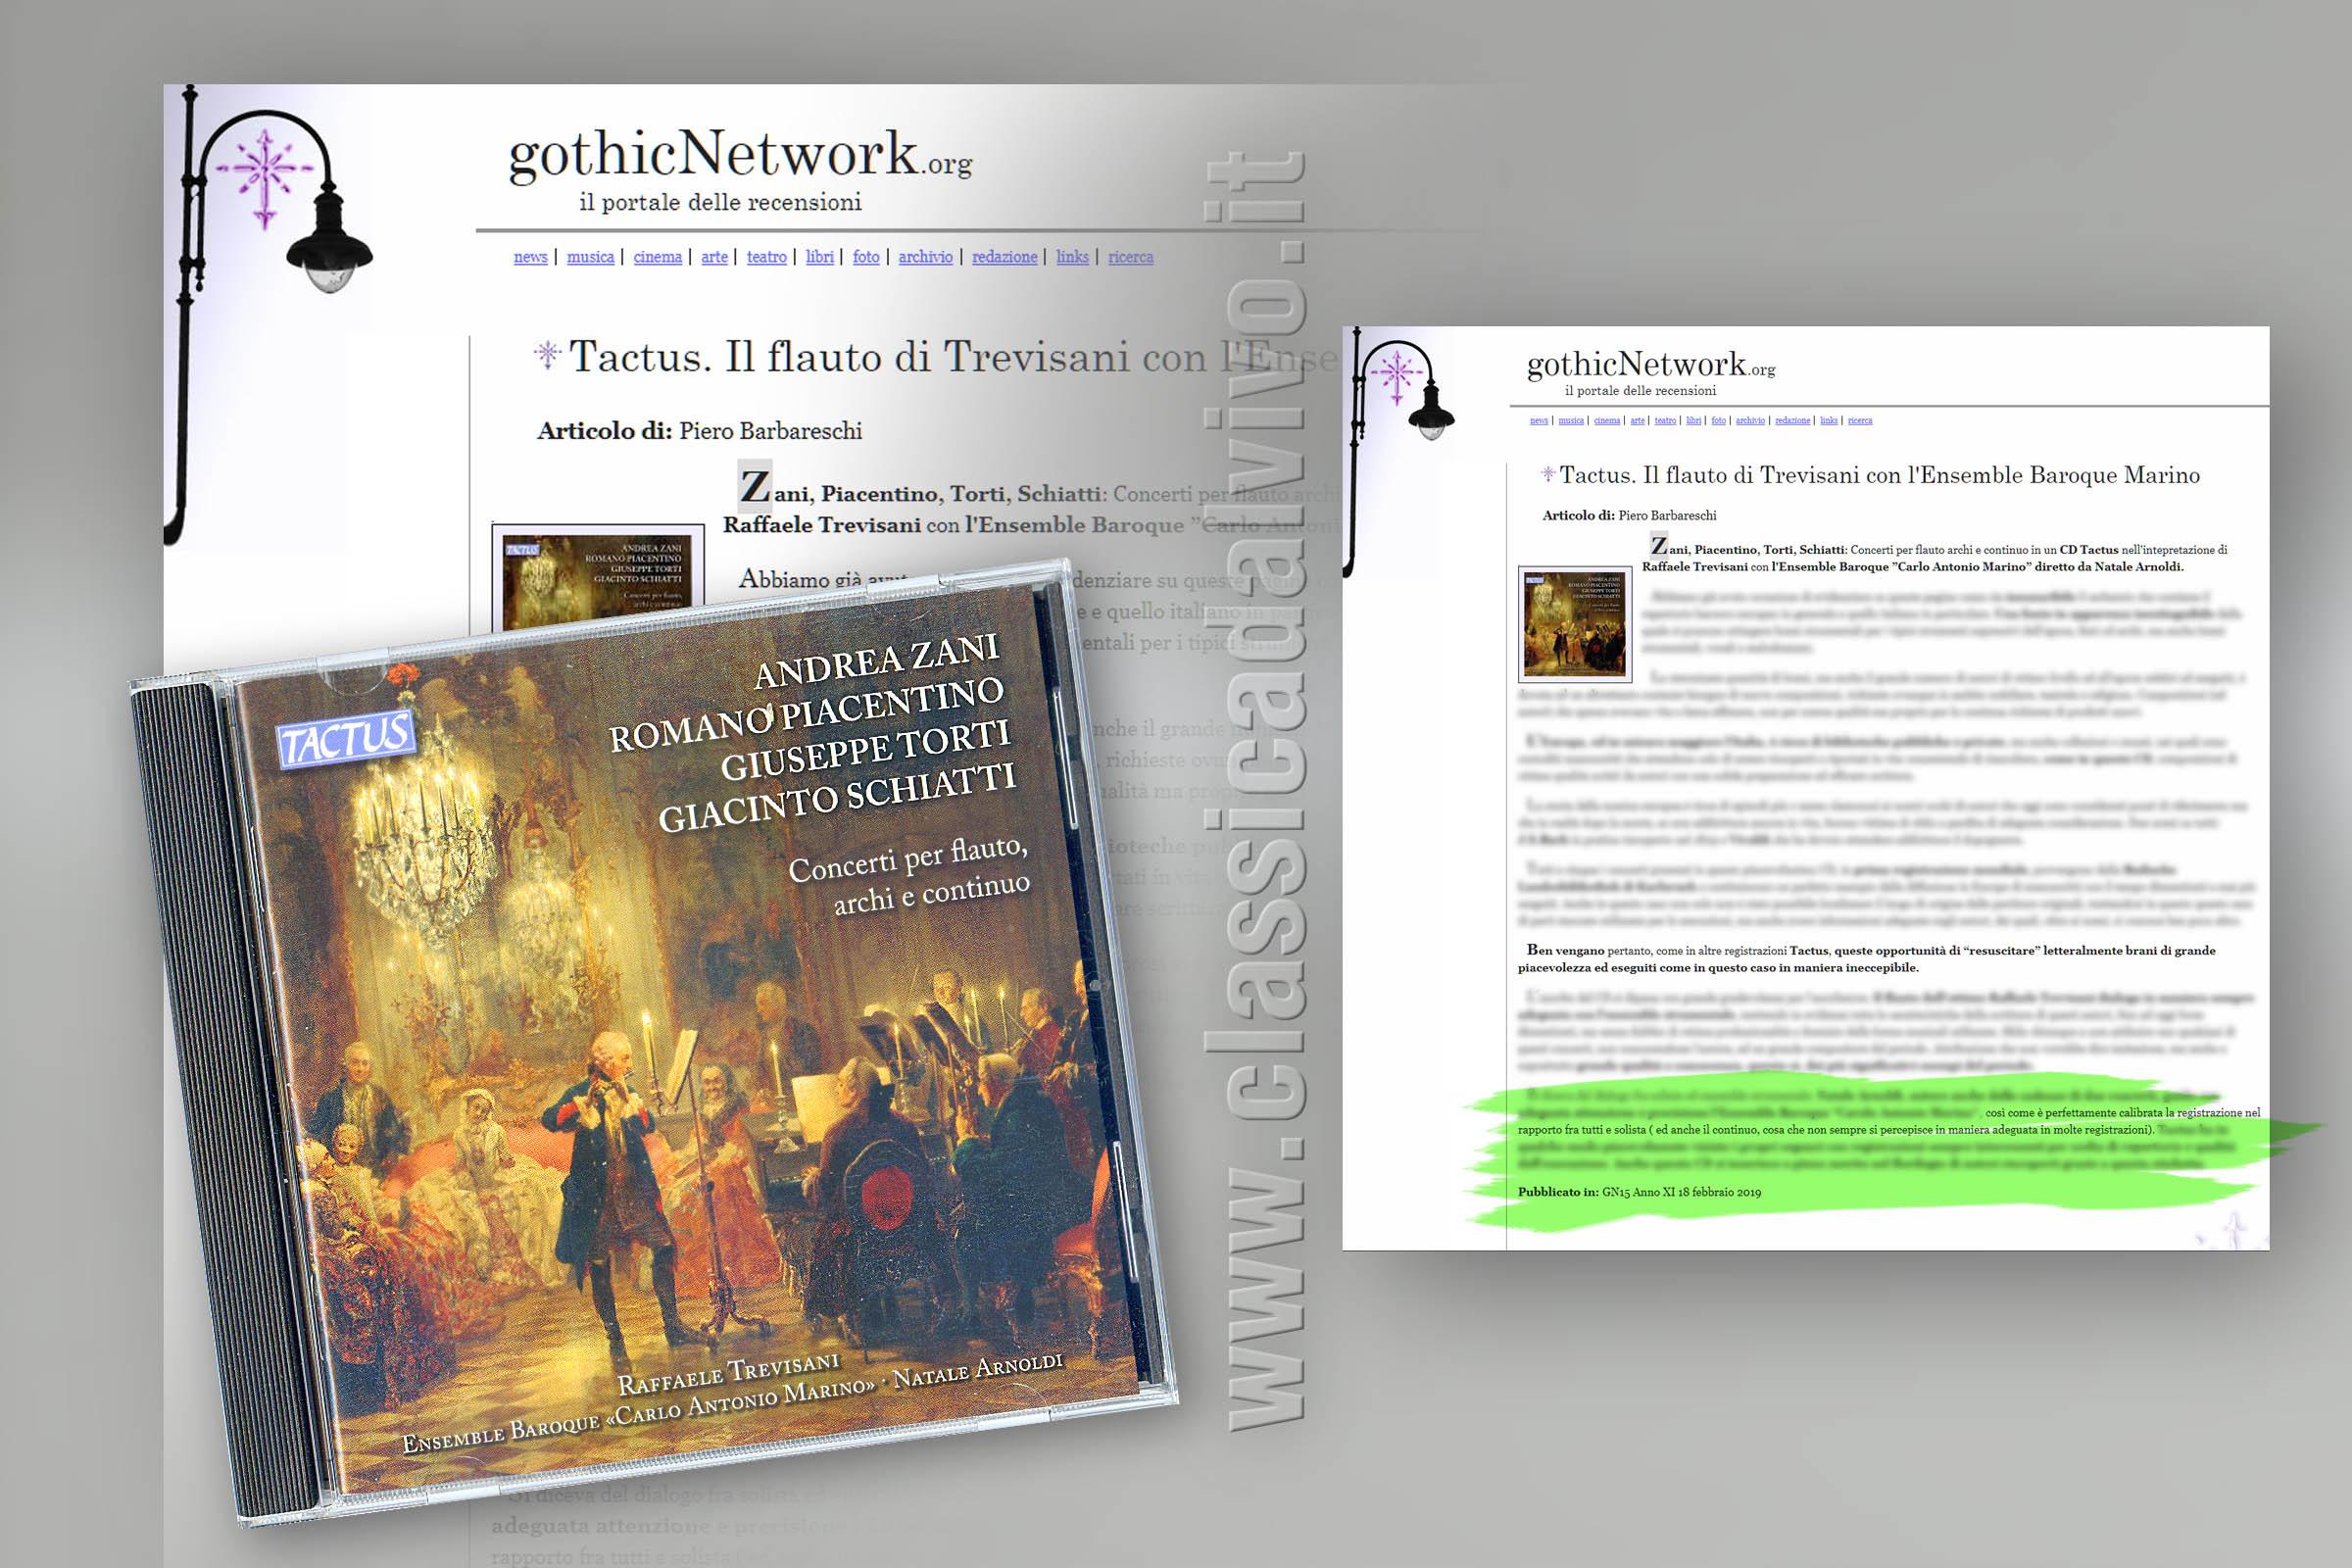 Trevisani ArmoldiEnsemble Carlo Antonio Marino Concerti per flauto archi e continuo GothicNetwork